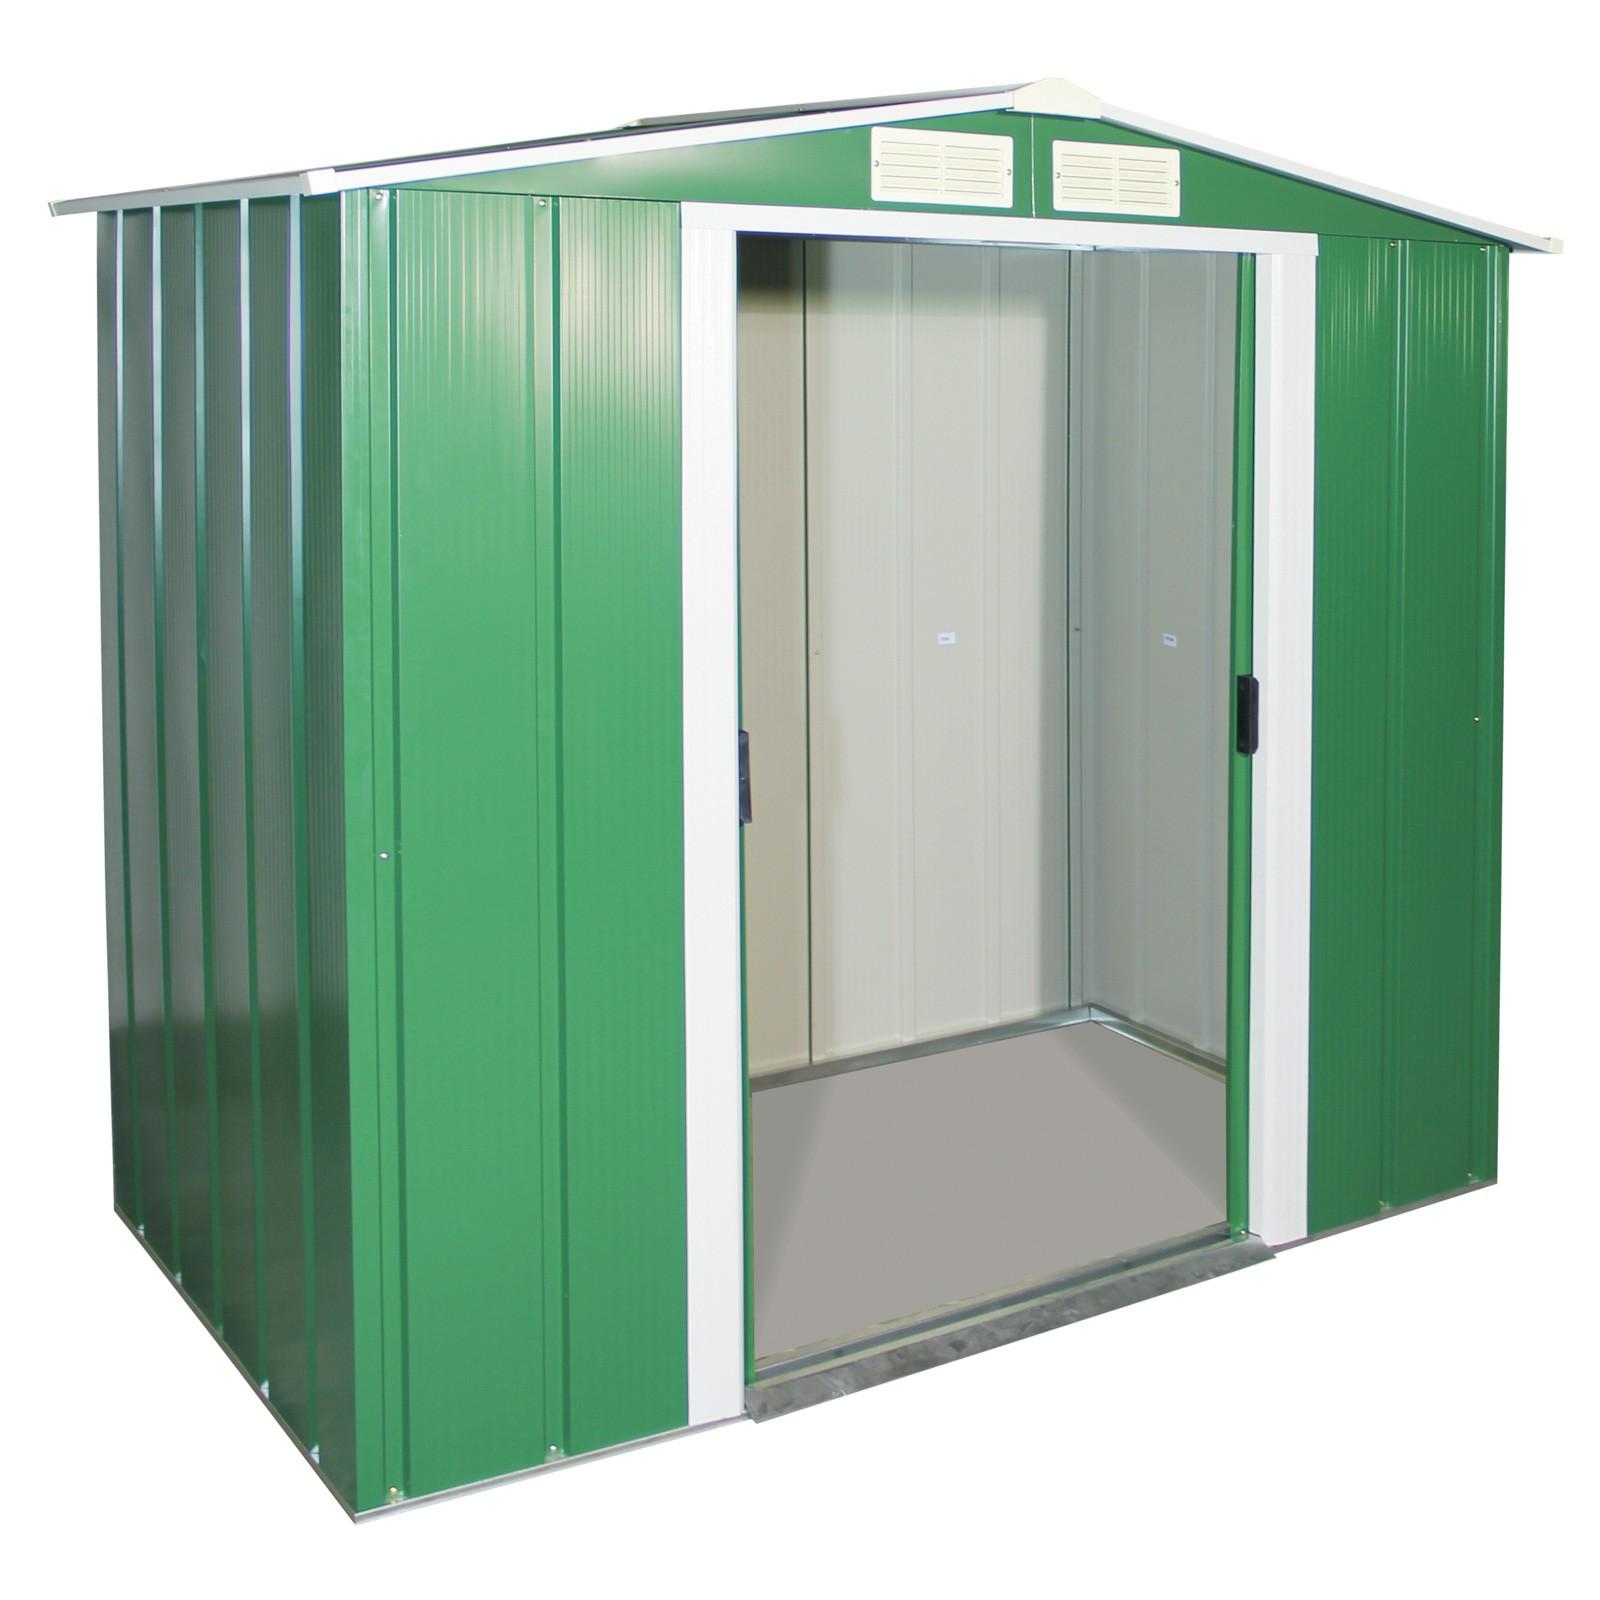 Tepro Metall Geräteschuppen / Gartenhaus Eco 6x4 grün 7229